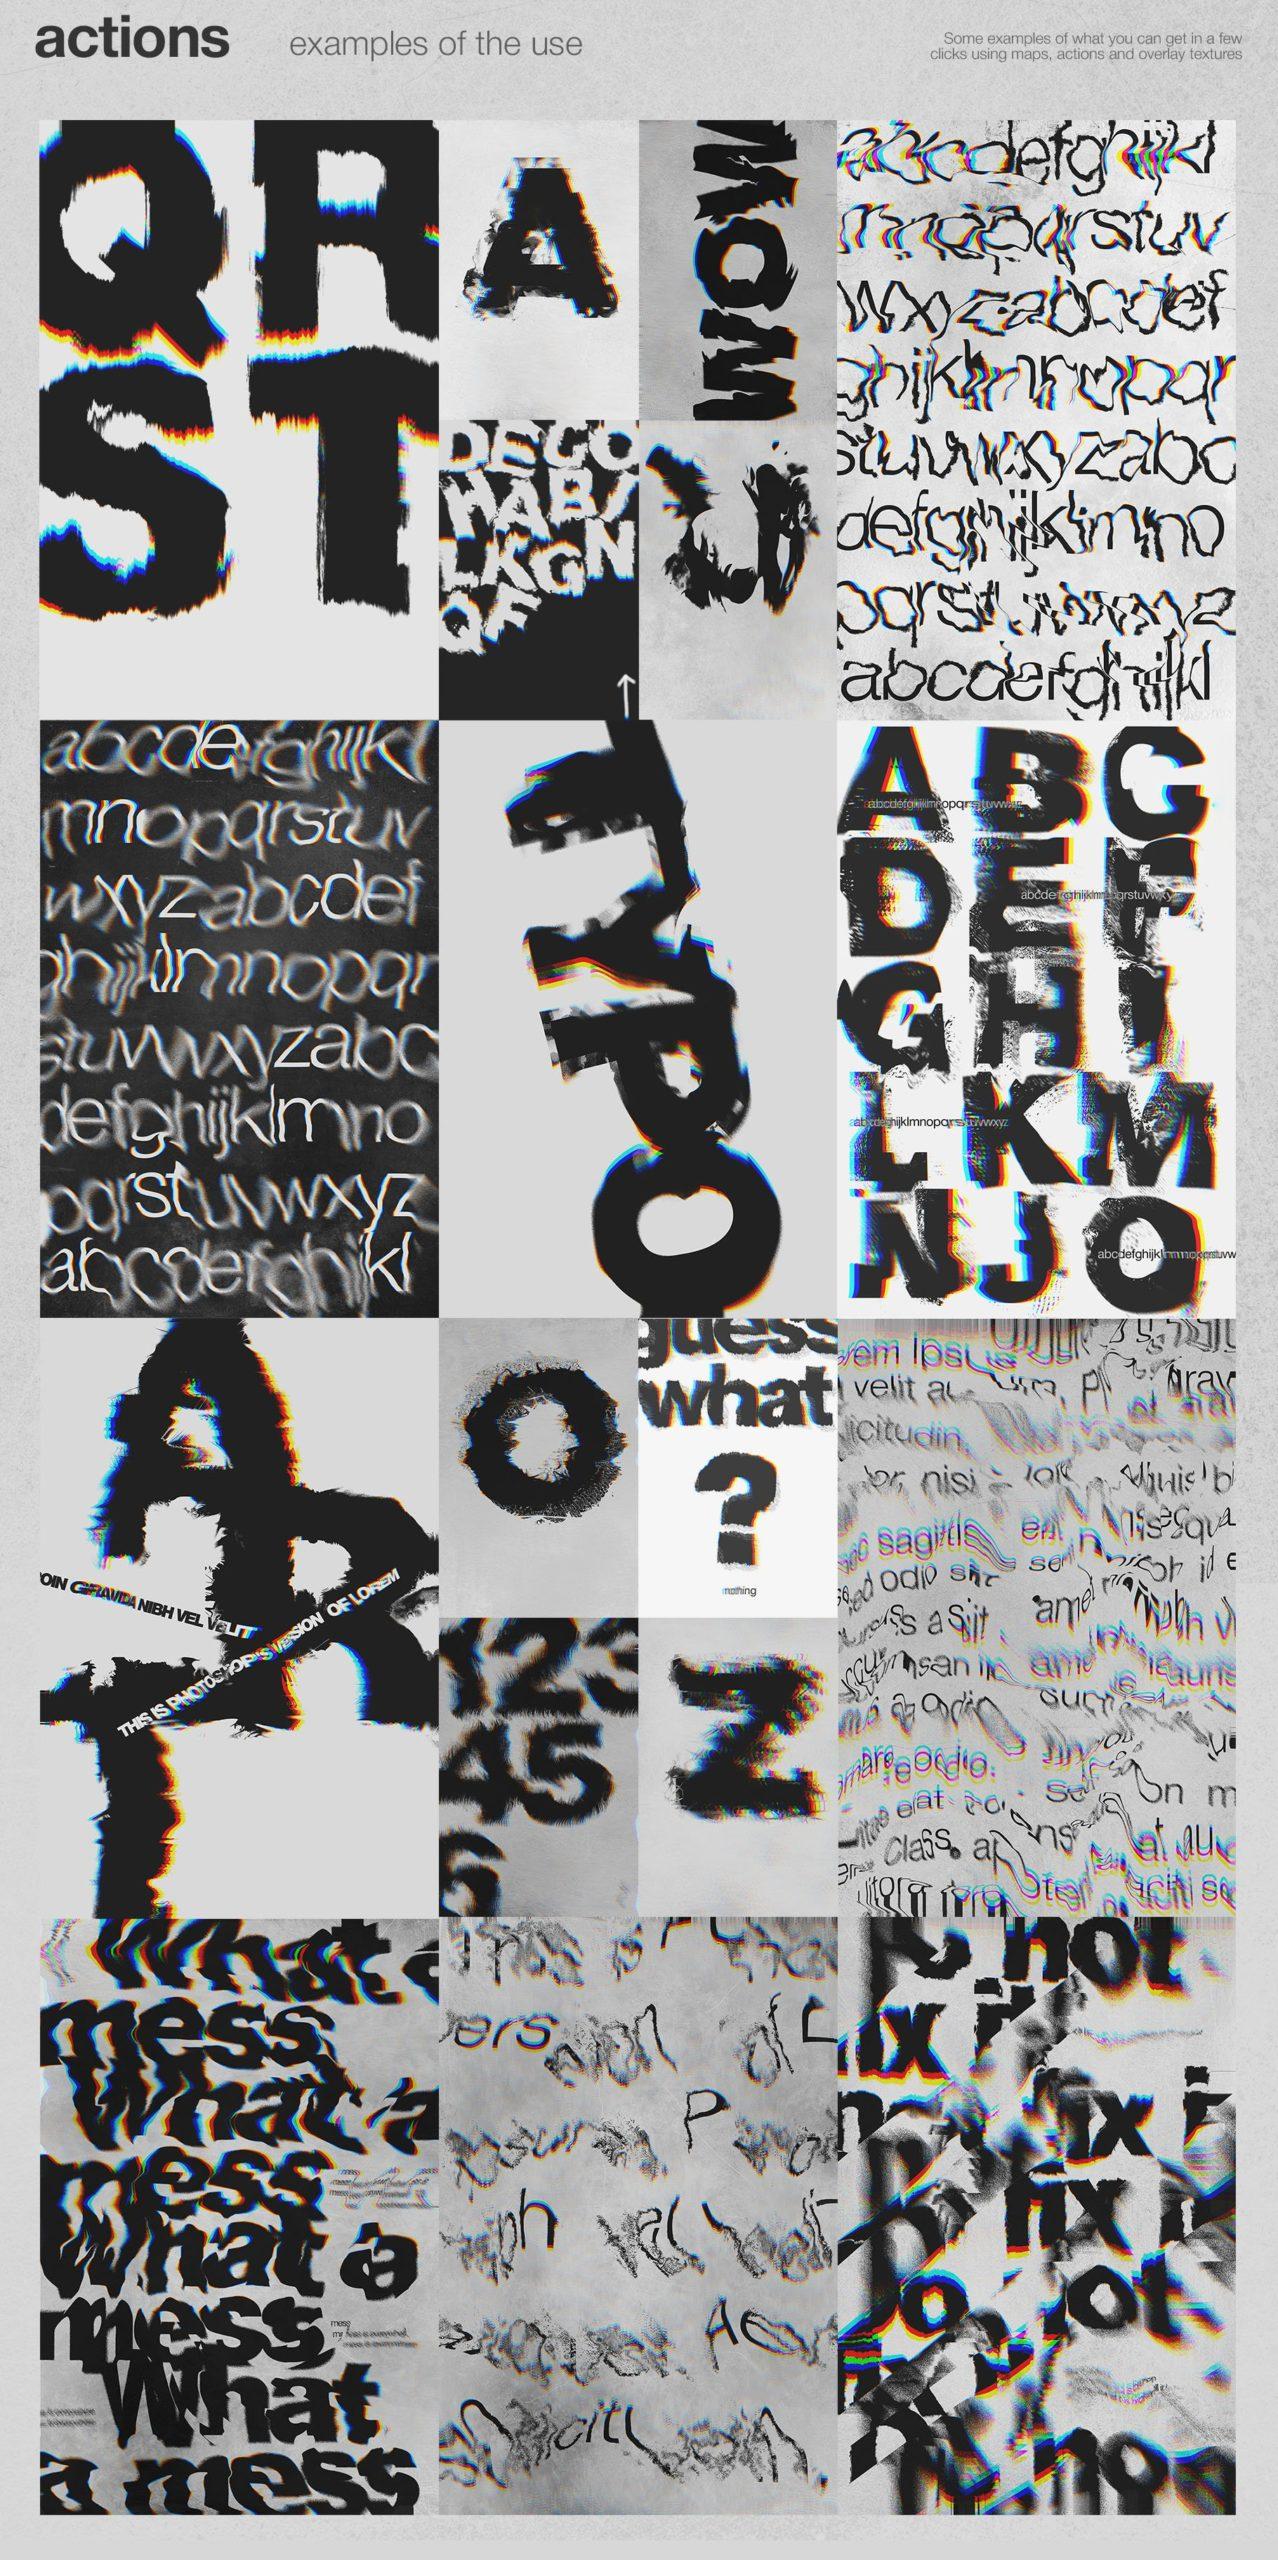 潮流创意抽象故障扭曲置换海报字体特效PS设计素材 Kinetic – Displacement Maps插图7